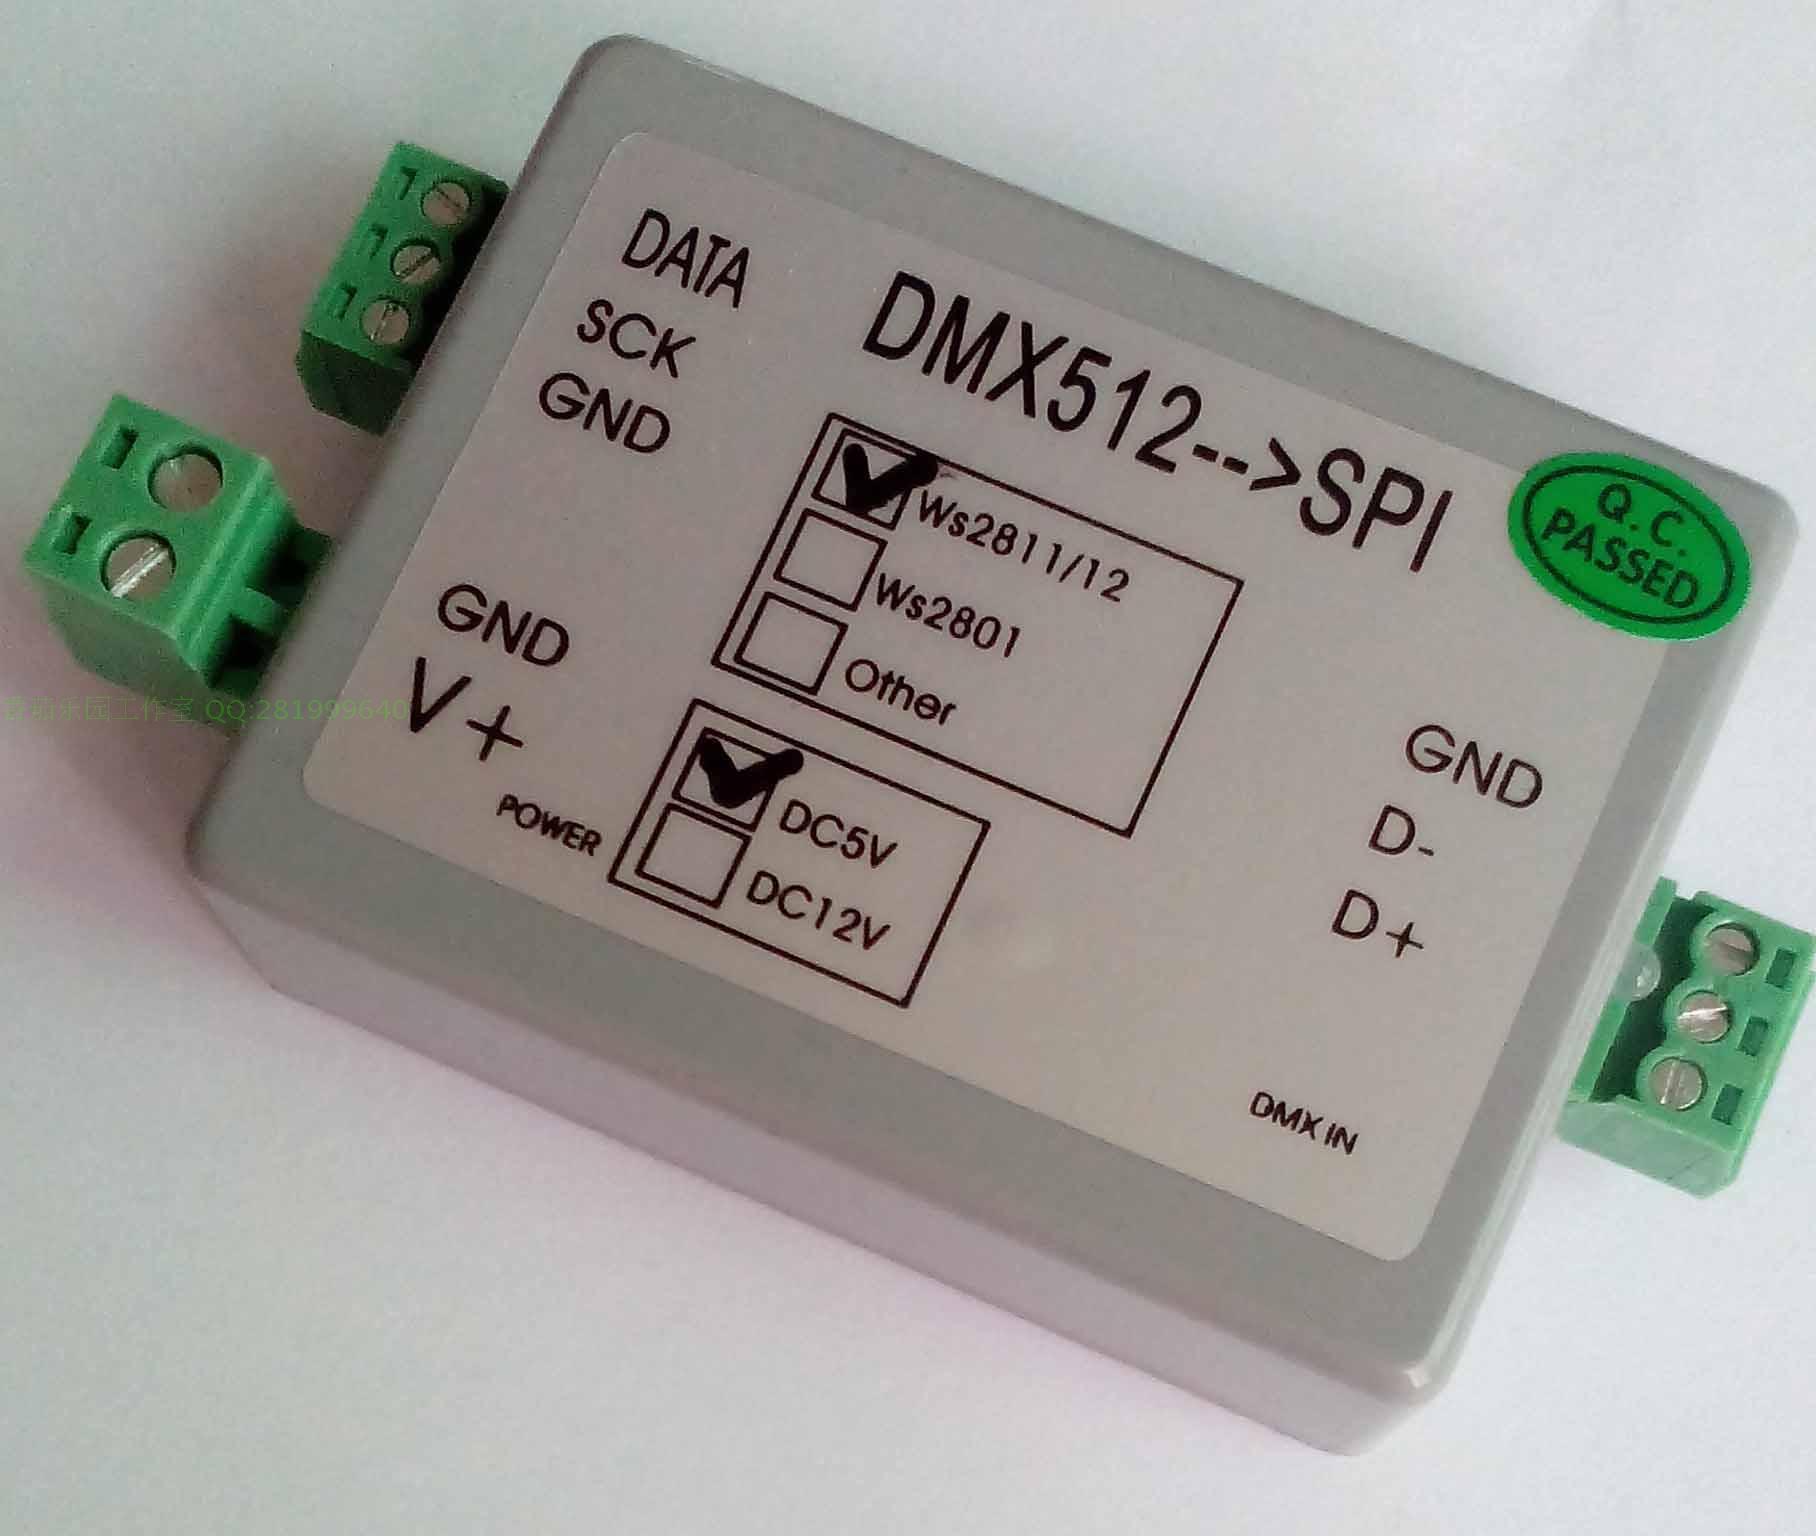 DMX512 свет зона свет String Control WS2811 / 12 / 13UCS1903 DMX для управления SPI DMX512 Декодирование